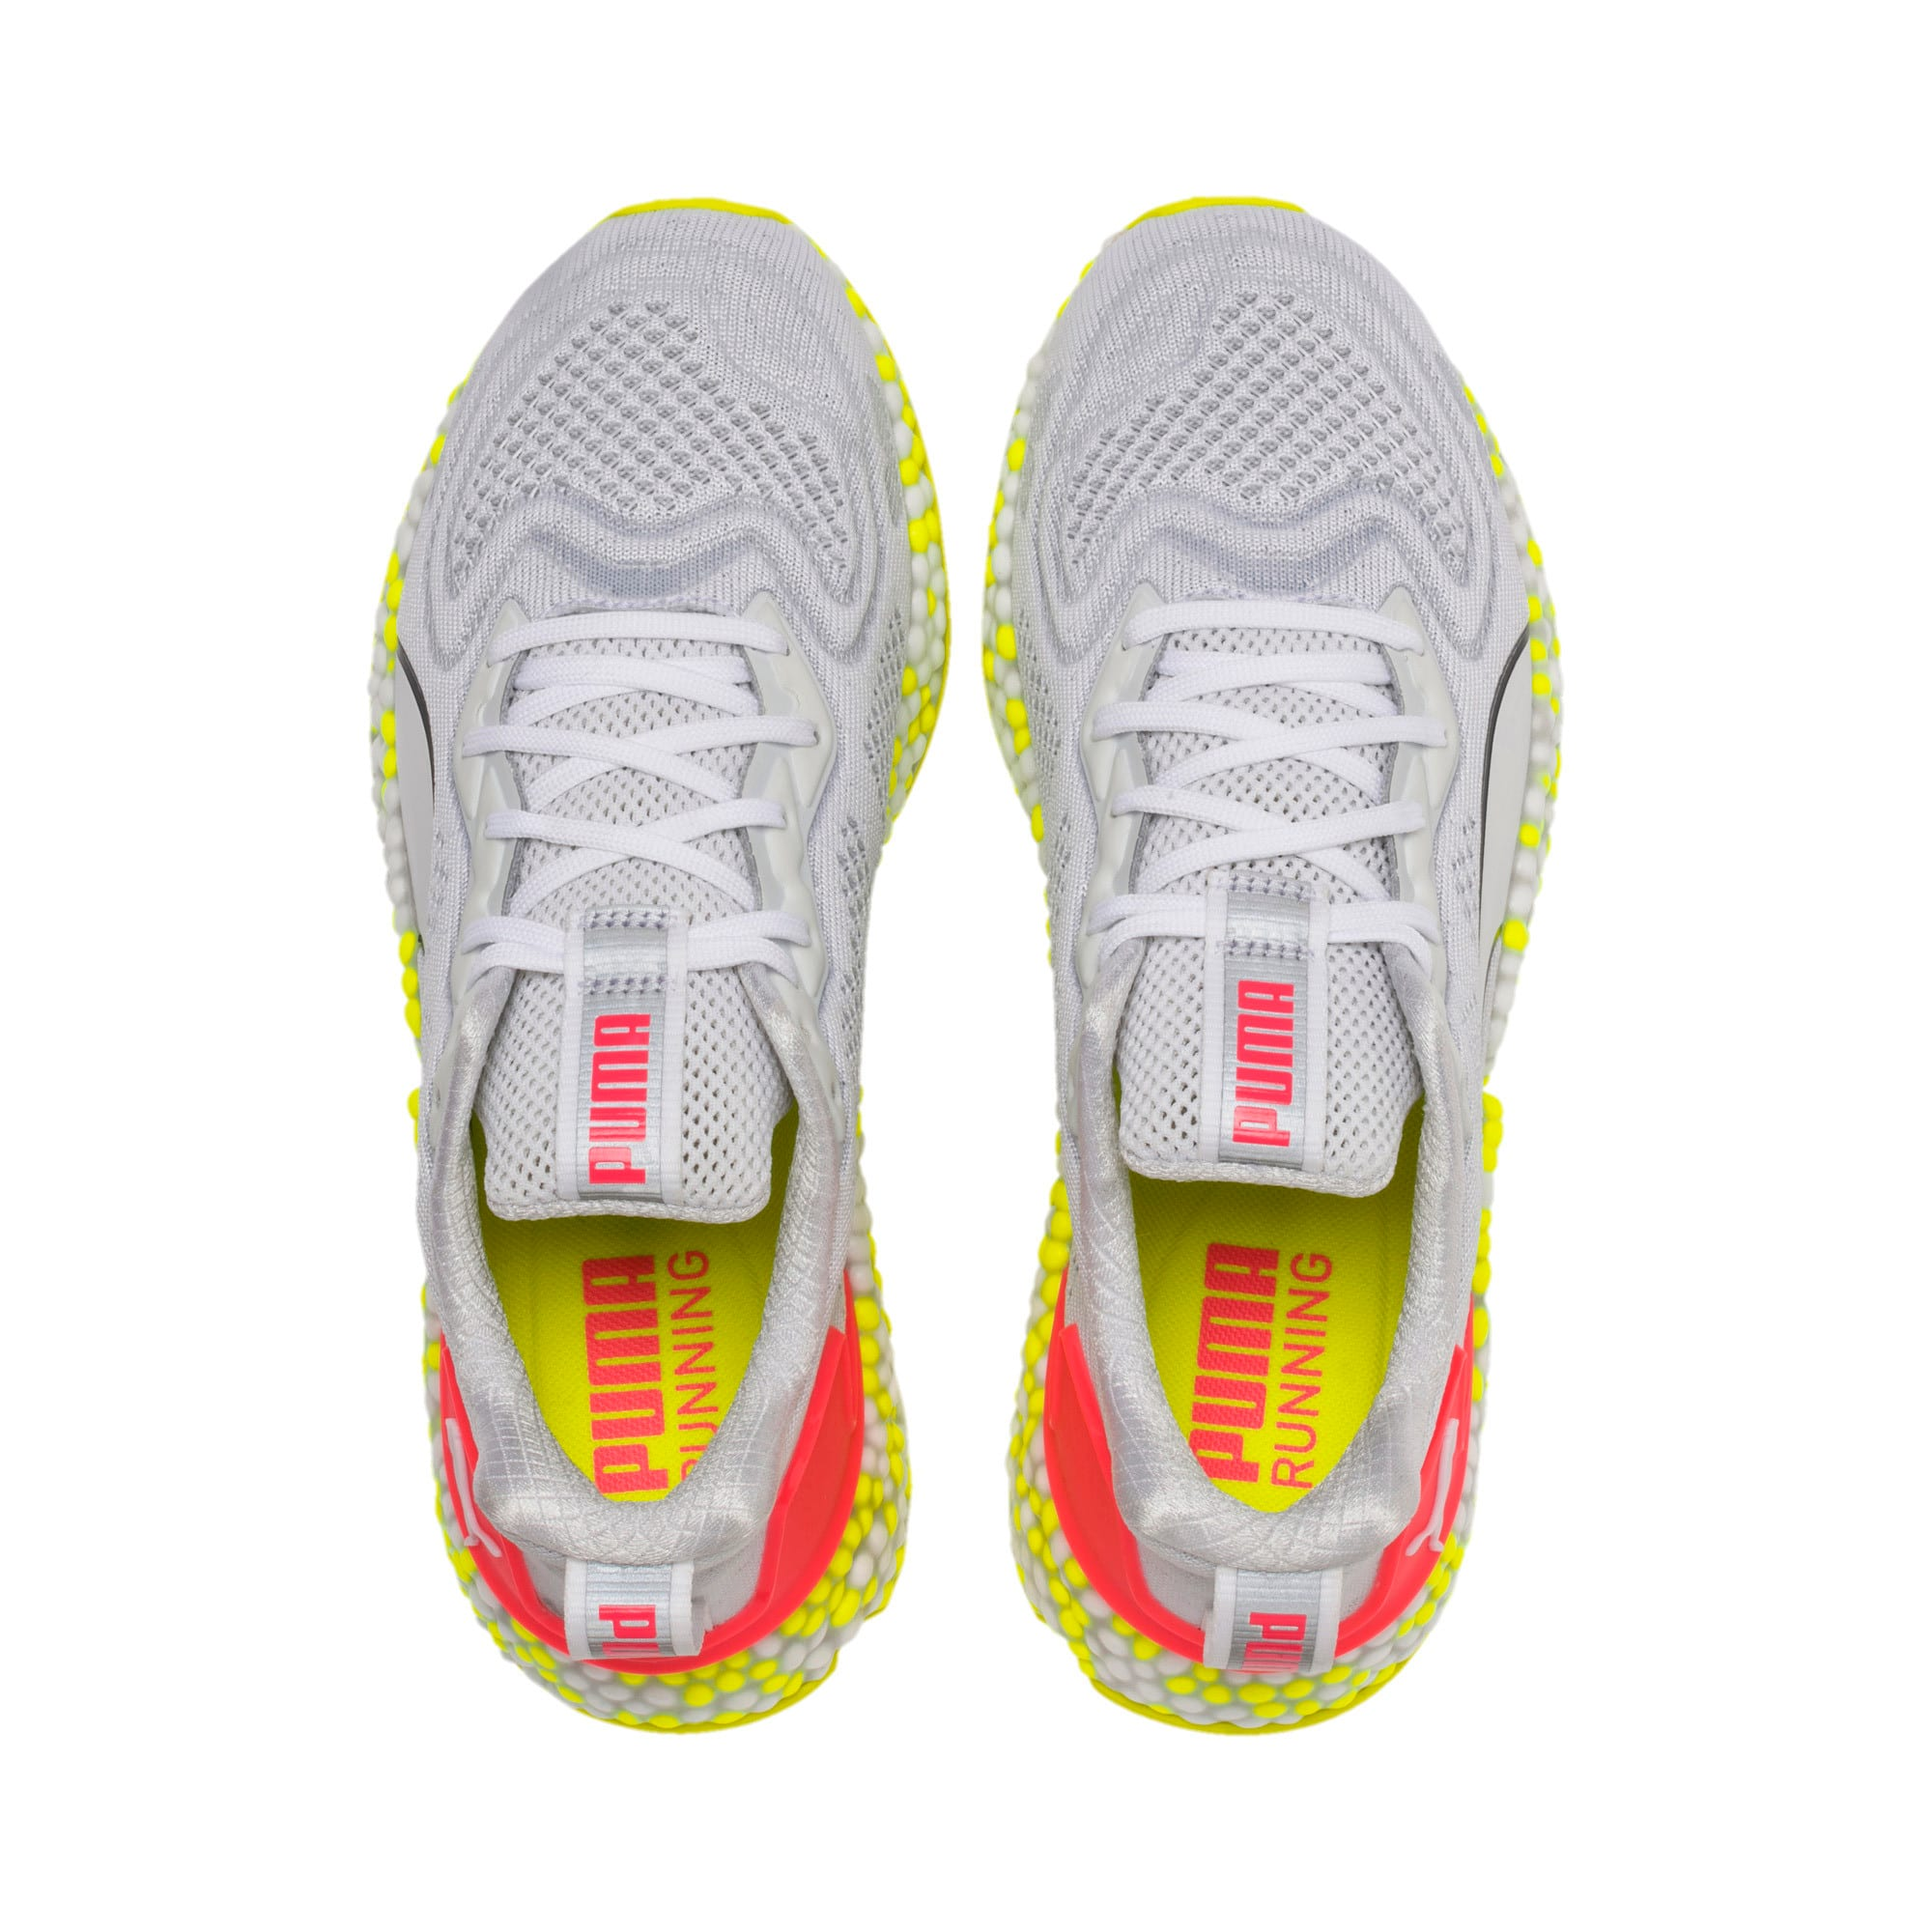 Thumbnail 7 of SPEED Orbiter Women's Running Shoes, Puma White-Yellow Alert, medium